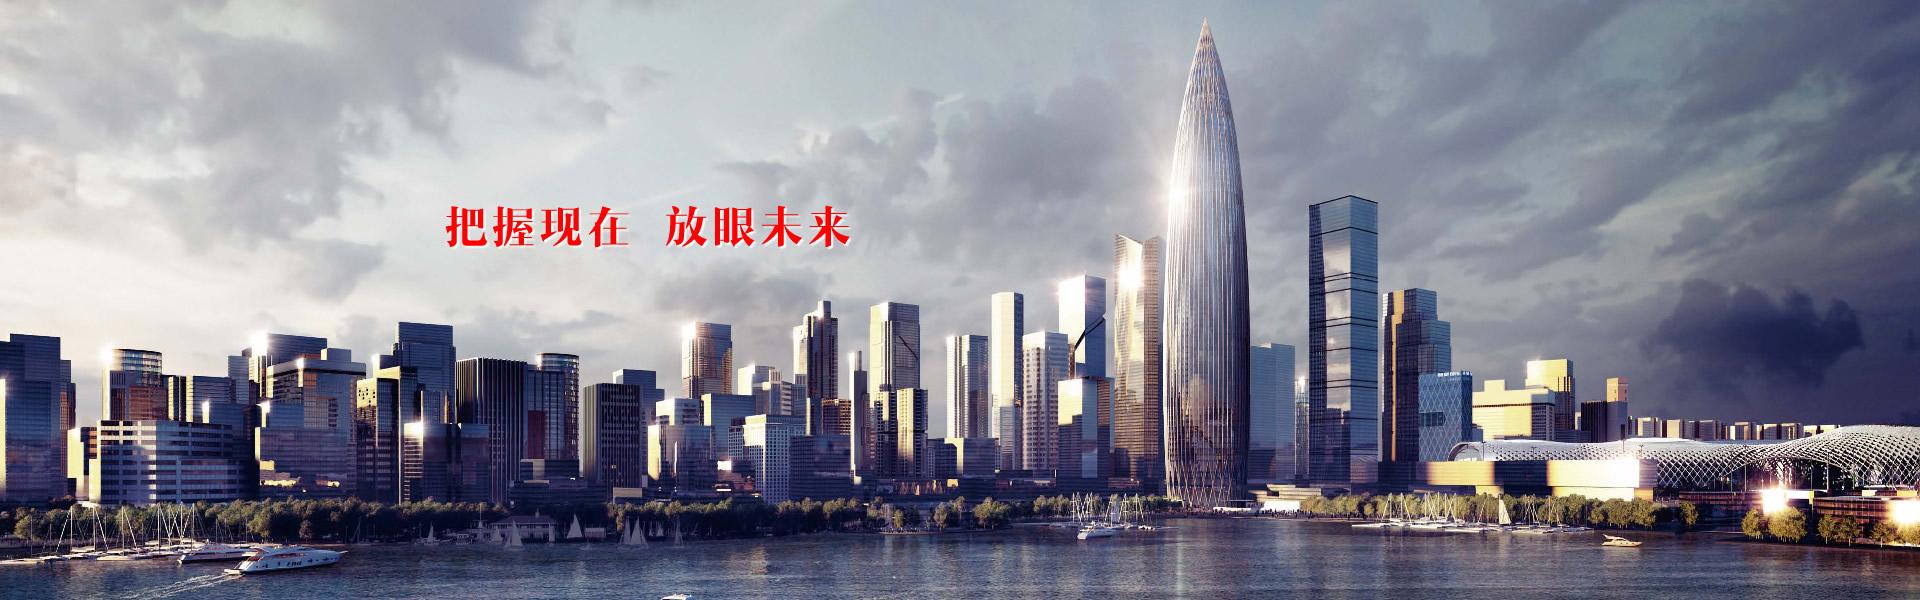 咸阳广告牌制作